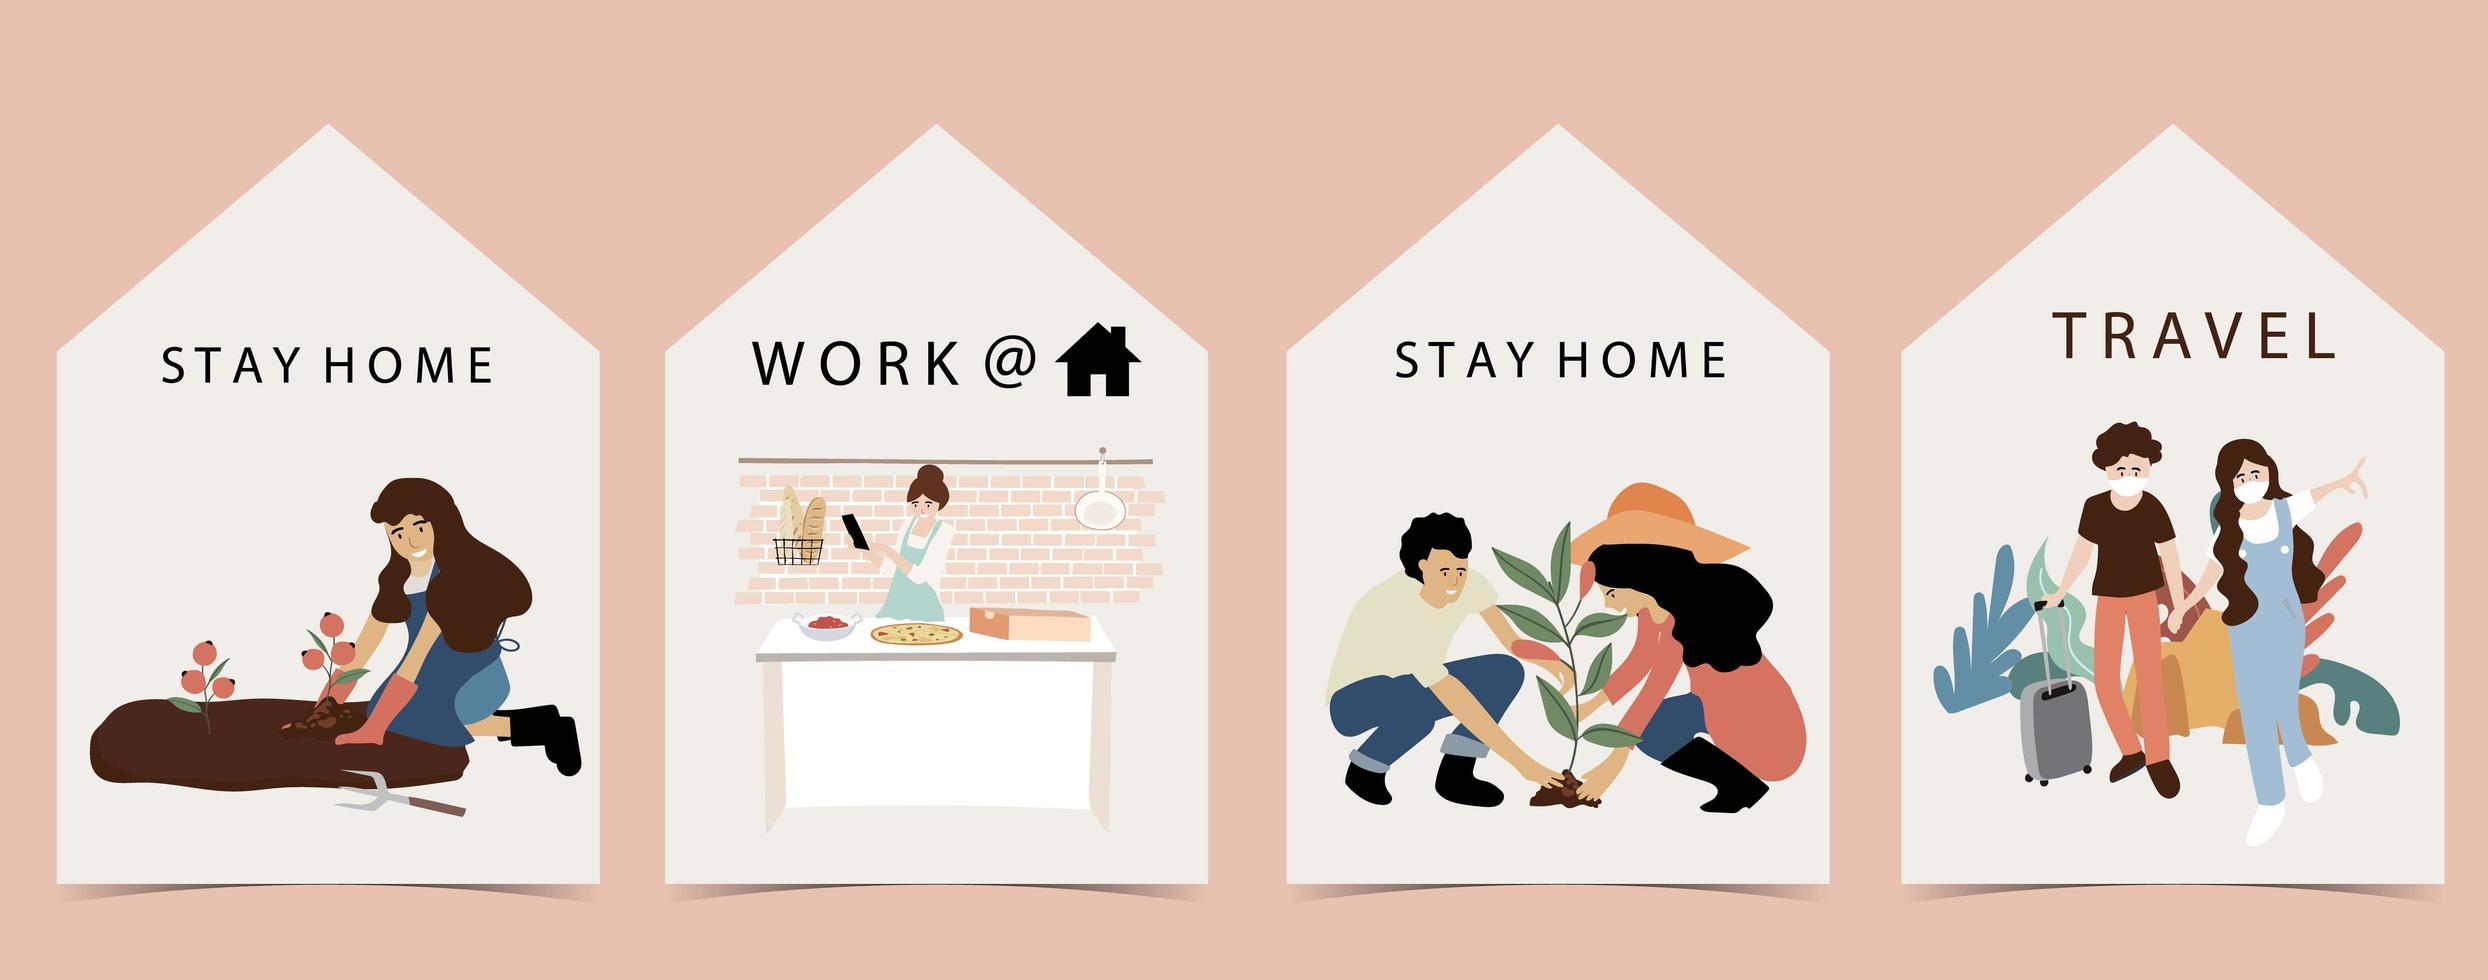 människor som bor och arbetar hemma design. vektor